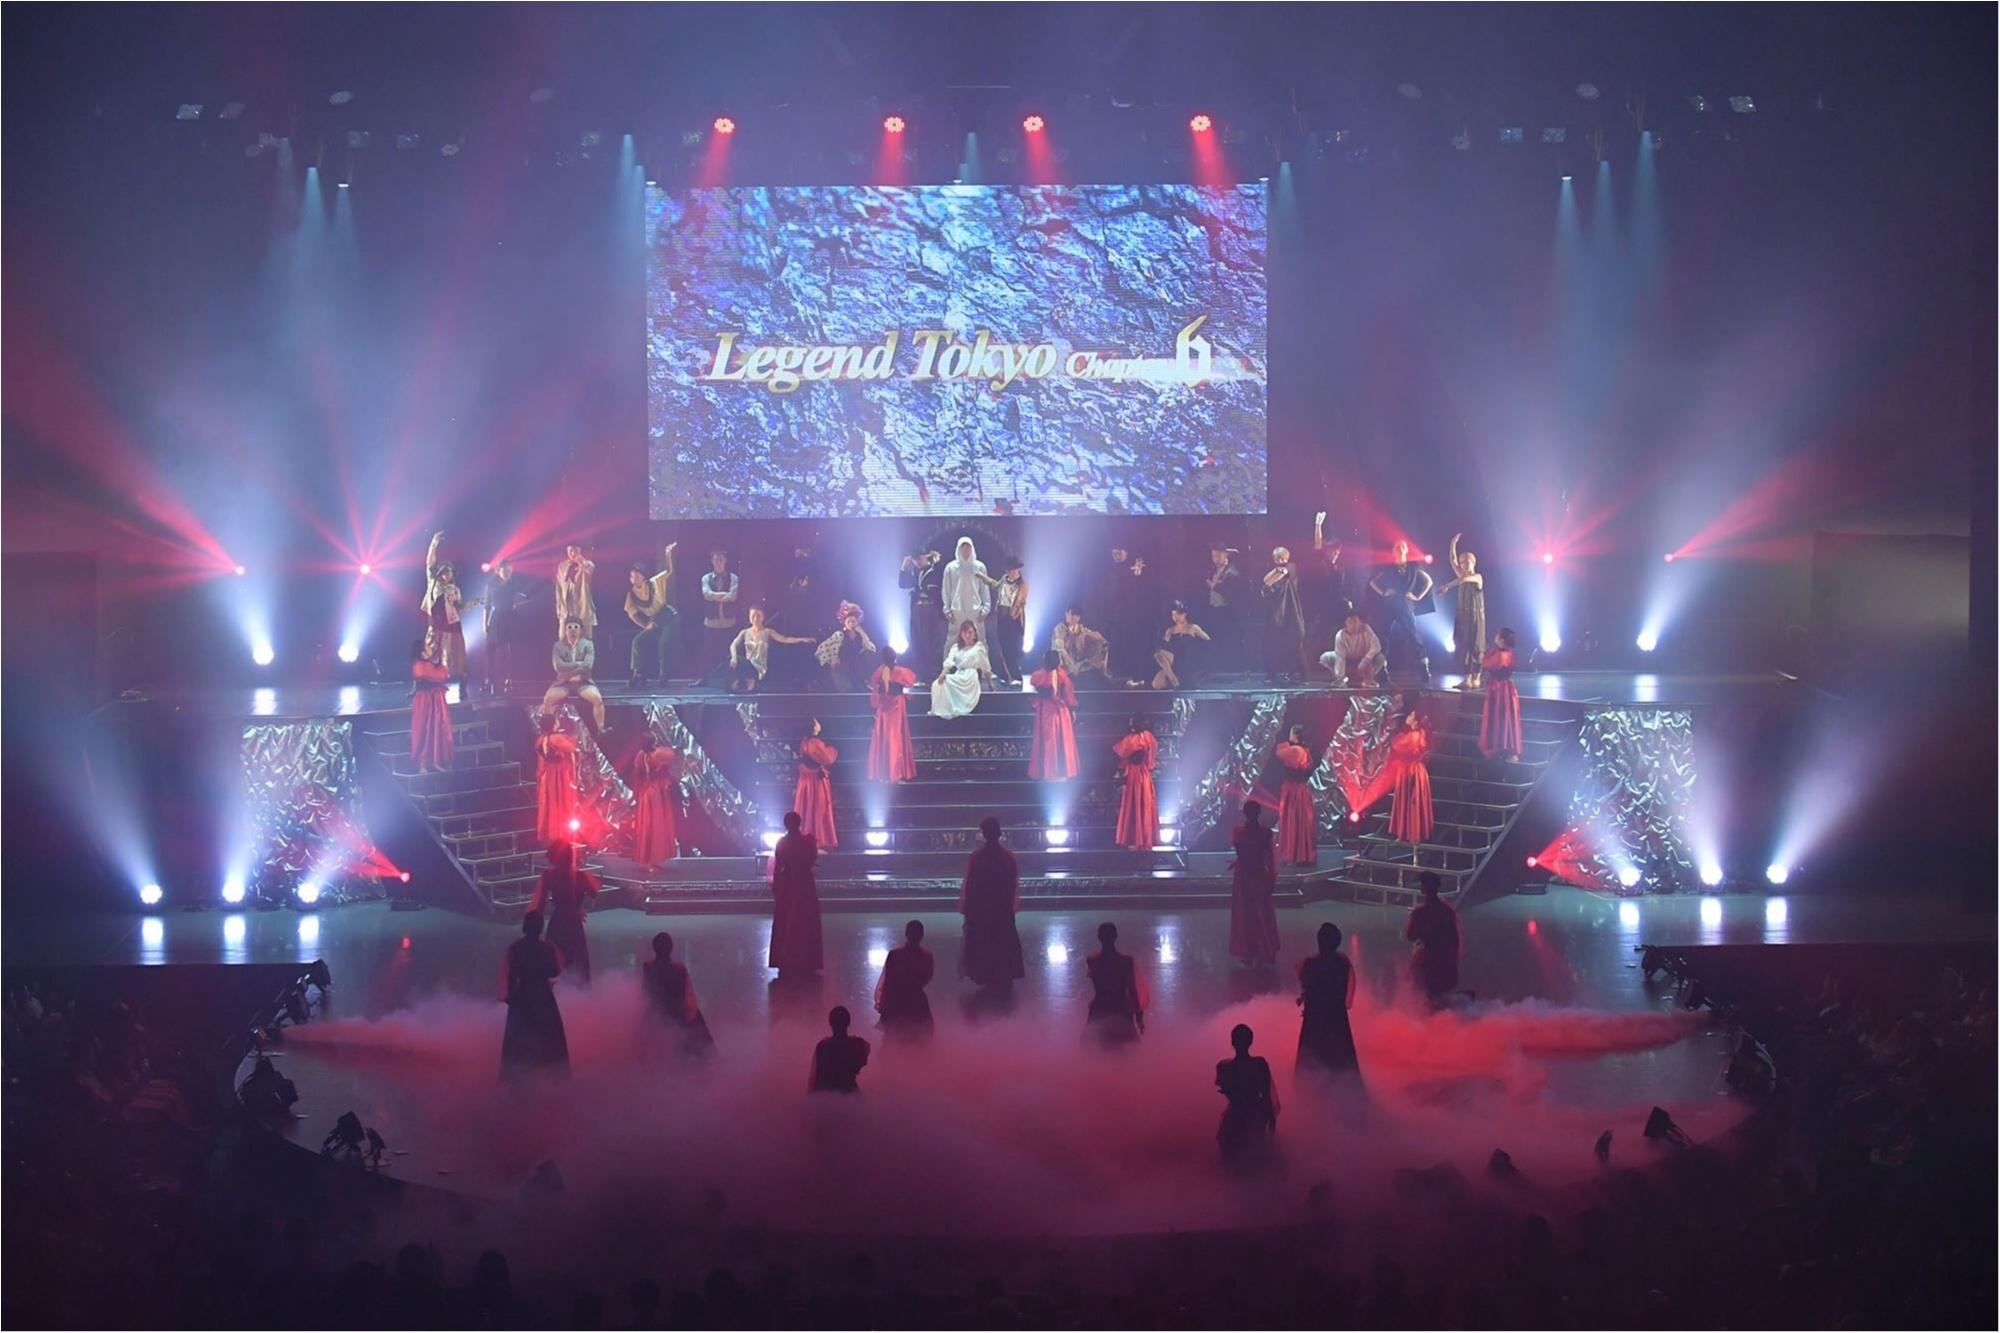 《今日から始まる!?》日本最大級のダンスの祭典【Legend Tokyo-7-】を3倍楽しむ方法 vol.1_6